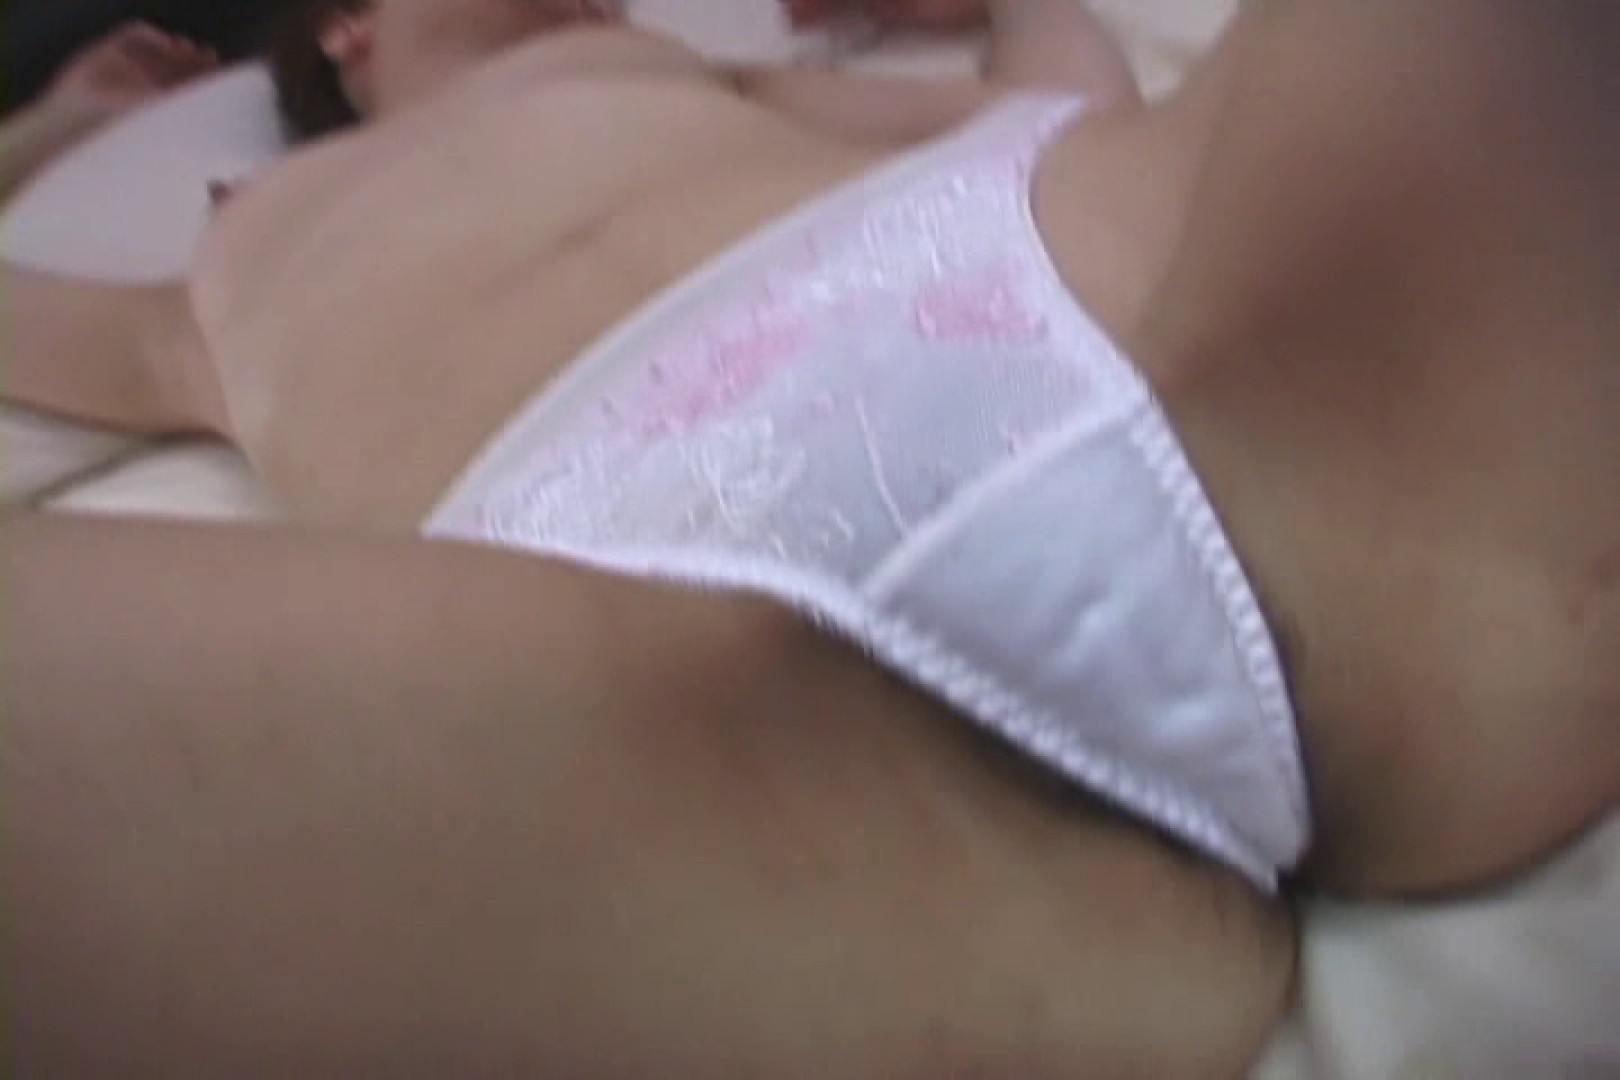 若人妻は静かに濡れる~藤本あずさ~ 人妻  80pic 31